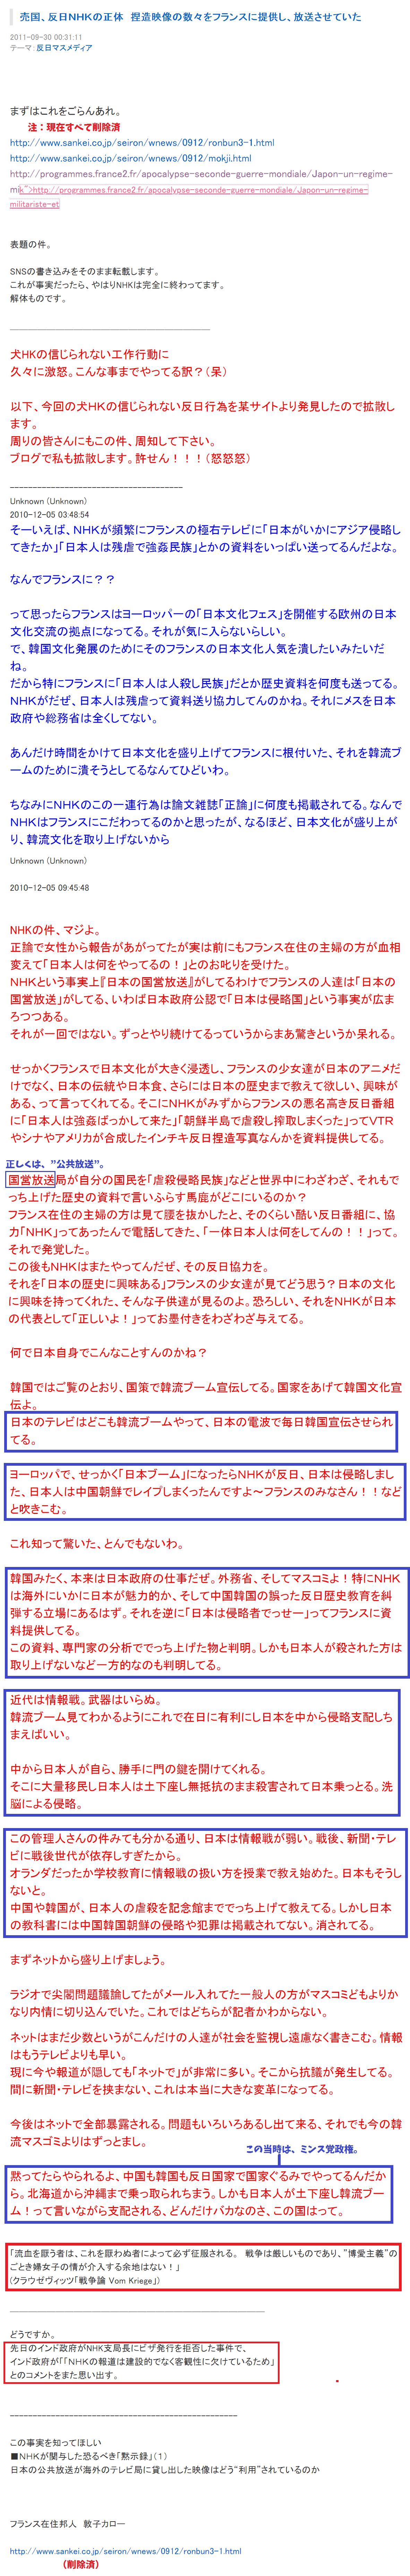 売国、反日NHKの正体 捏造映像の数々をフランスに提供し、放送させていた